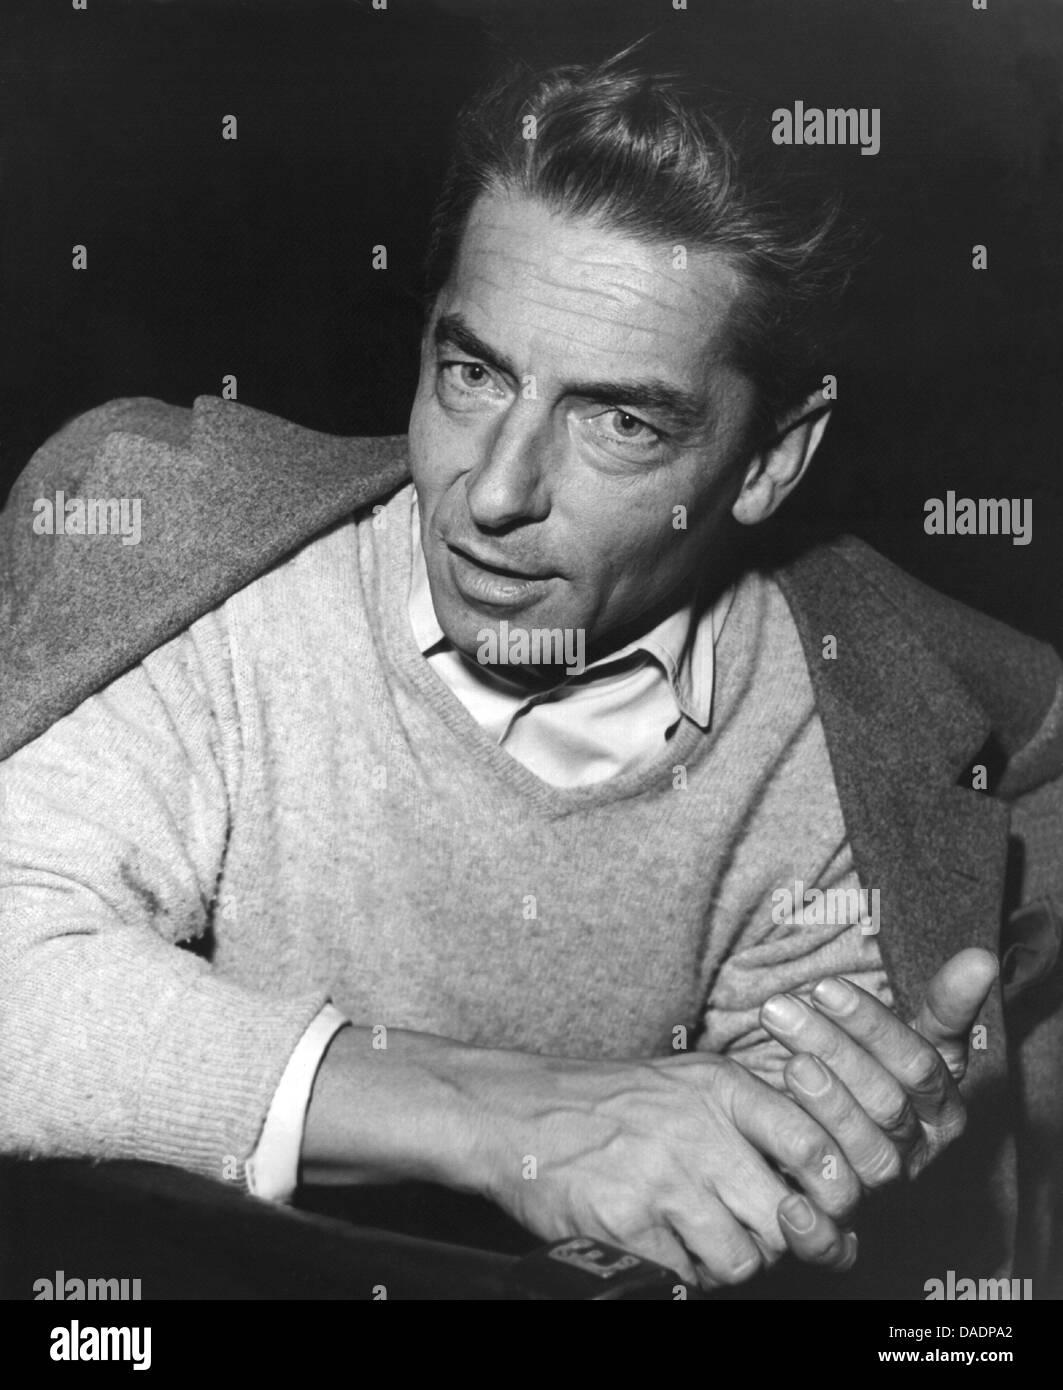 Der österreichische Dirigent Herbert von Karajan in einer undatierten Aufnahme. Von 1955 bis kurz vor seinem Tod Stock Photo